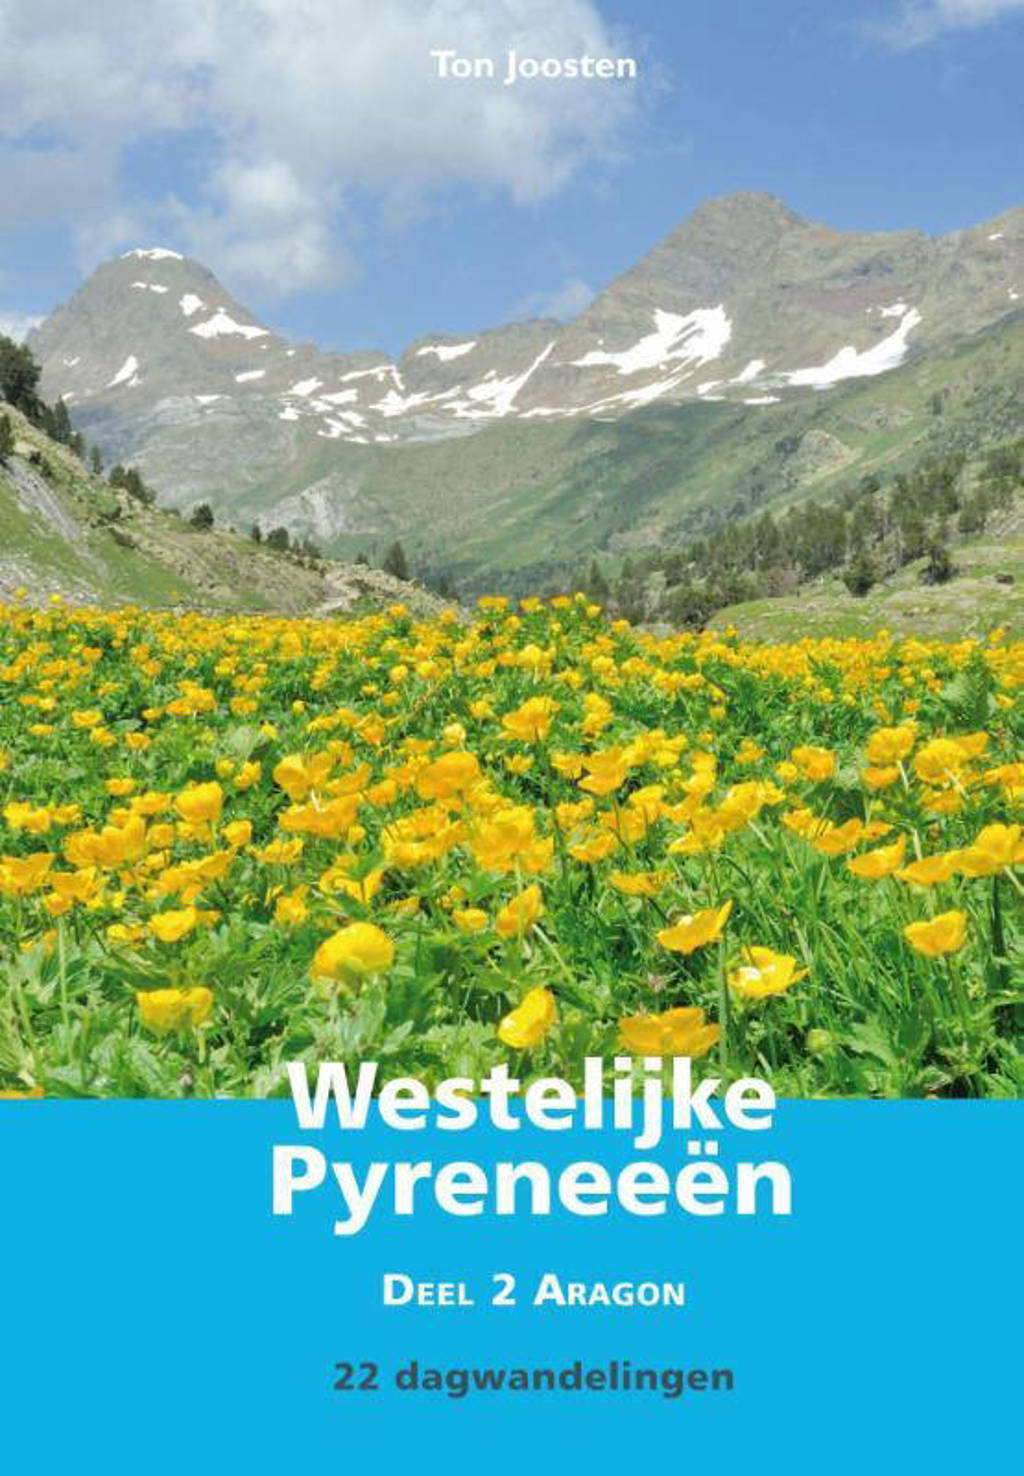 Wandelgids Westelijke Pyreneeën 2 Aragon - Ton Joosten